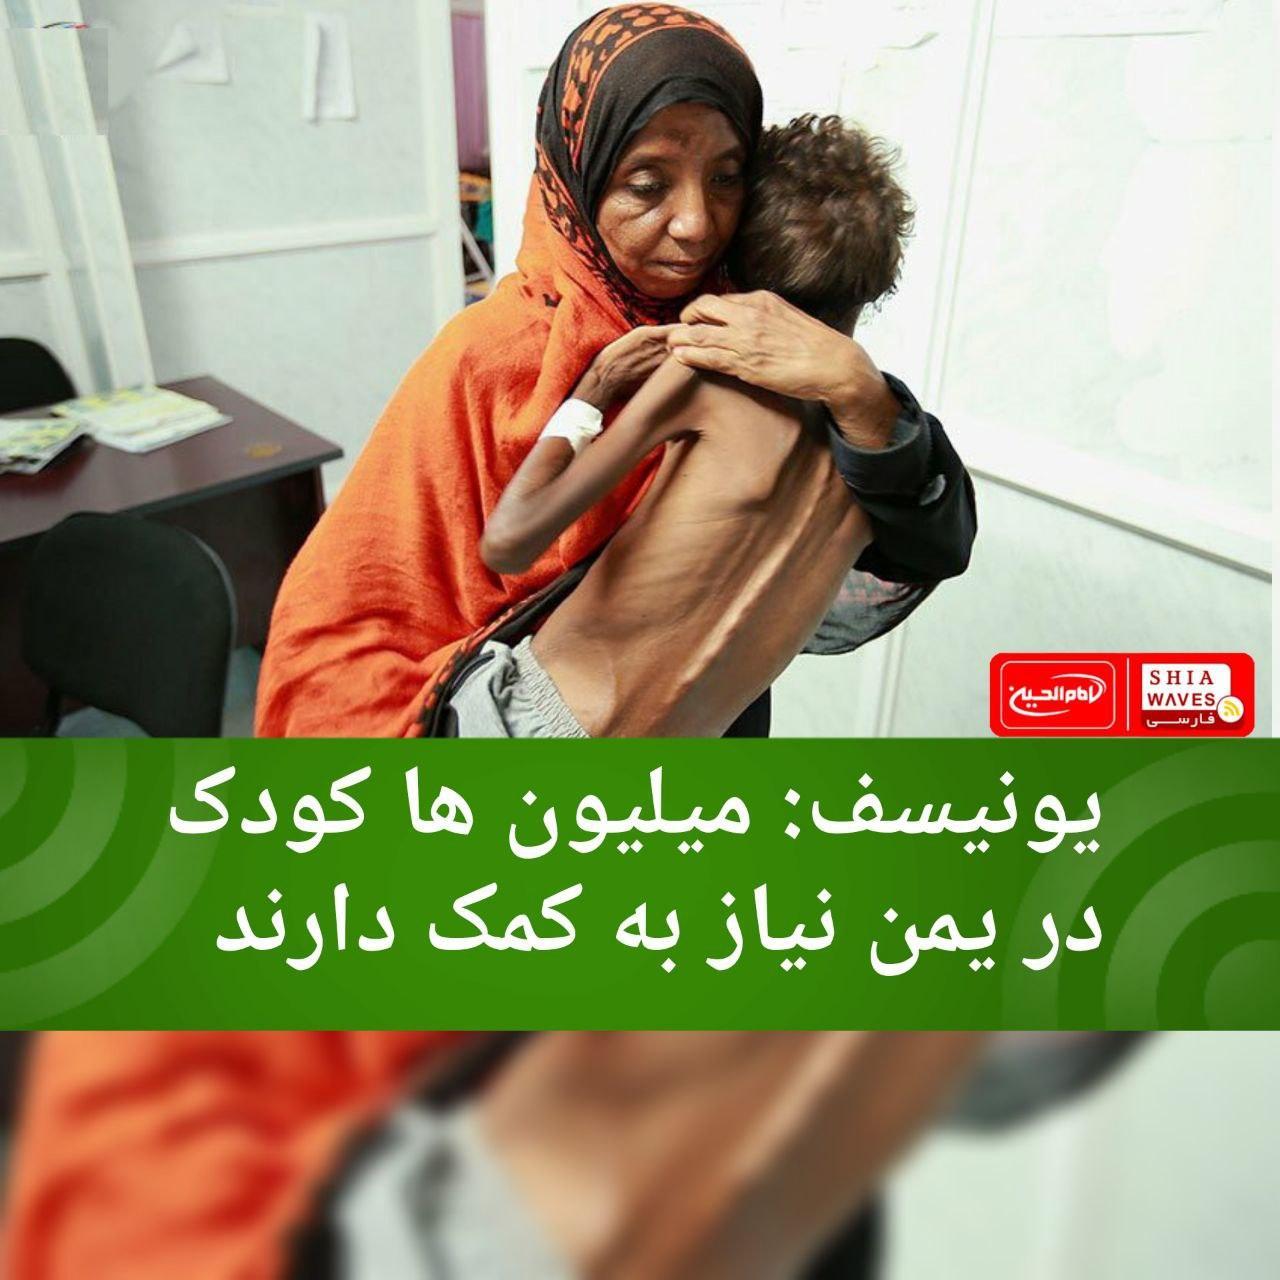 تصویر یونیسف: میلیون ها کودک در یمن نیاز به کمک دارند